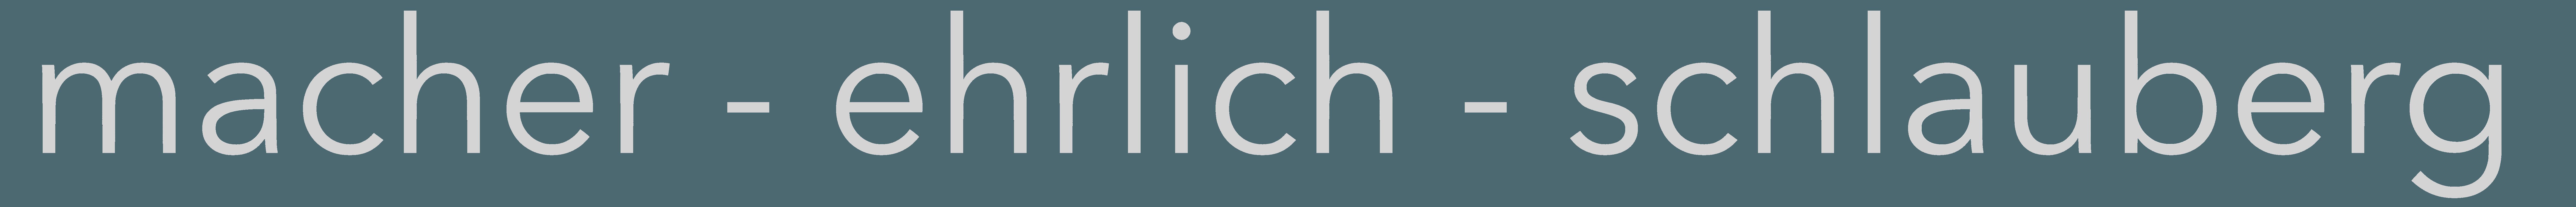 mosel - berlin - macher - ehrlich - schlauberg